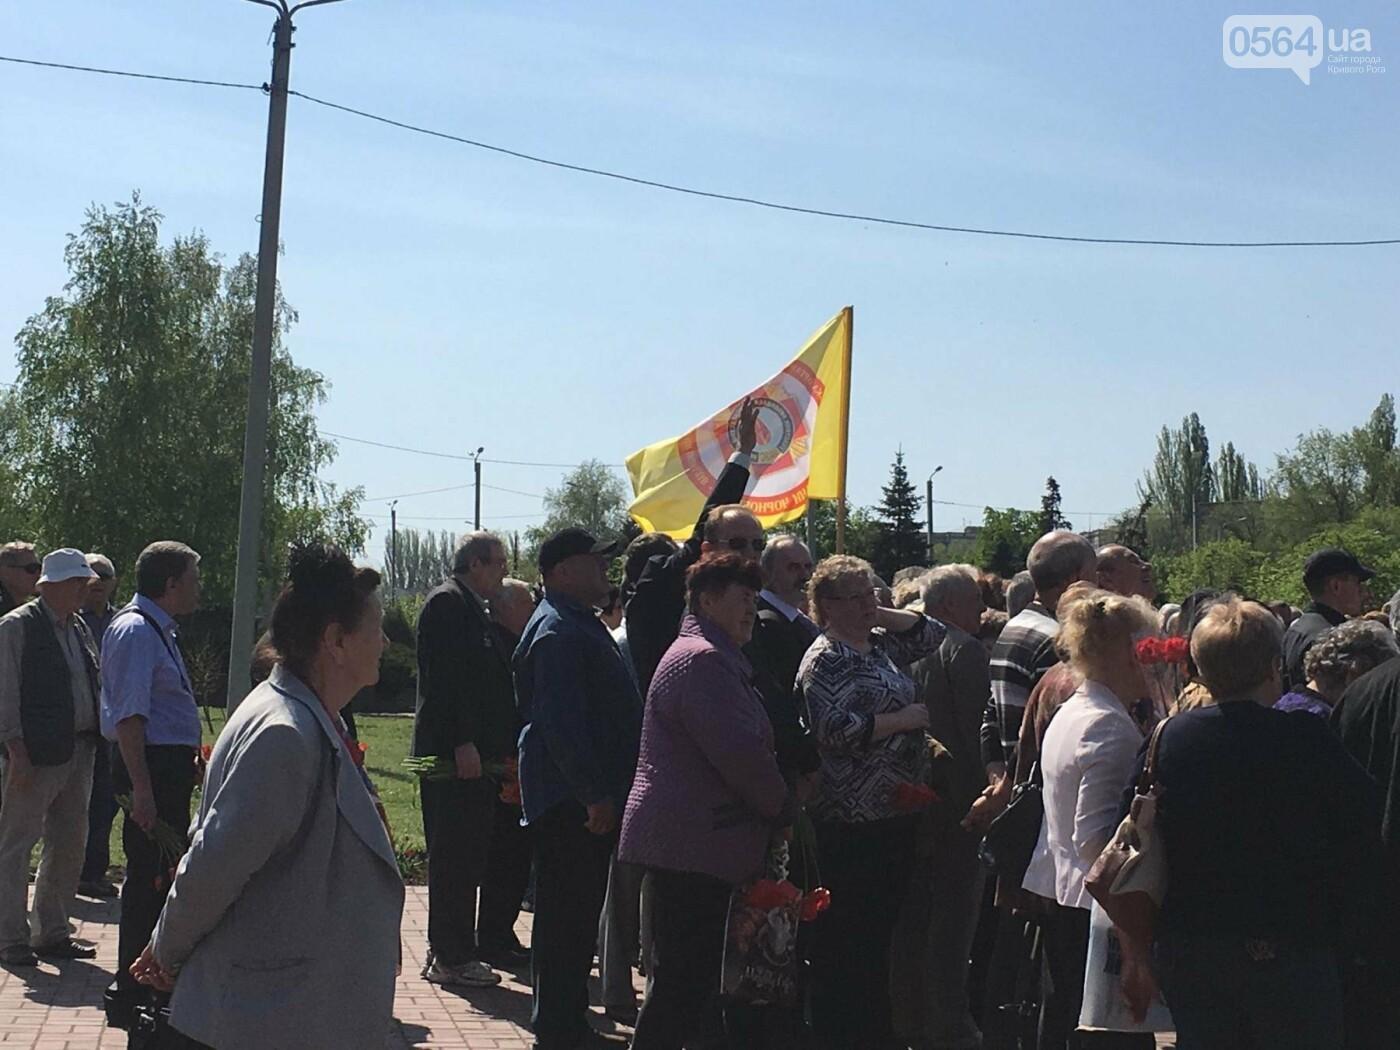 Чернобыльская катастрофа: В Кривом Роге прошел митинг-реквием в память о тех, кто пожертвовал собой во имя спасения сограждан (ФОТО, ВИДЕО), фото-3